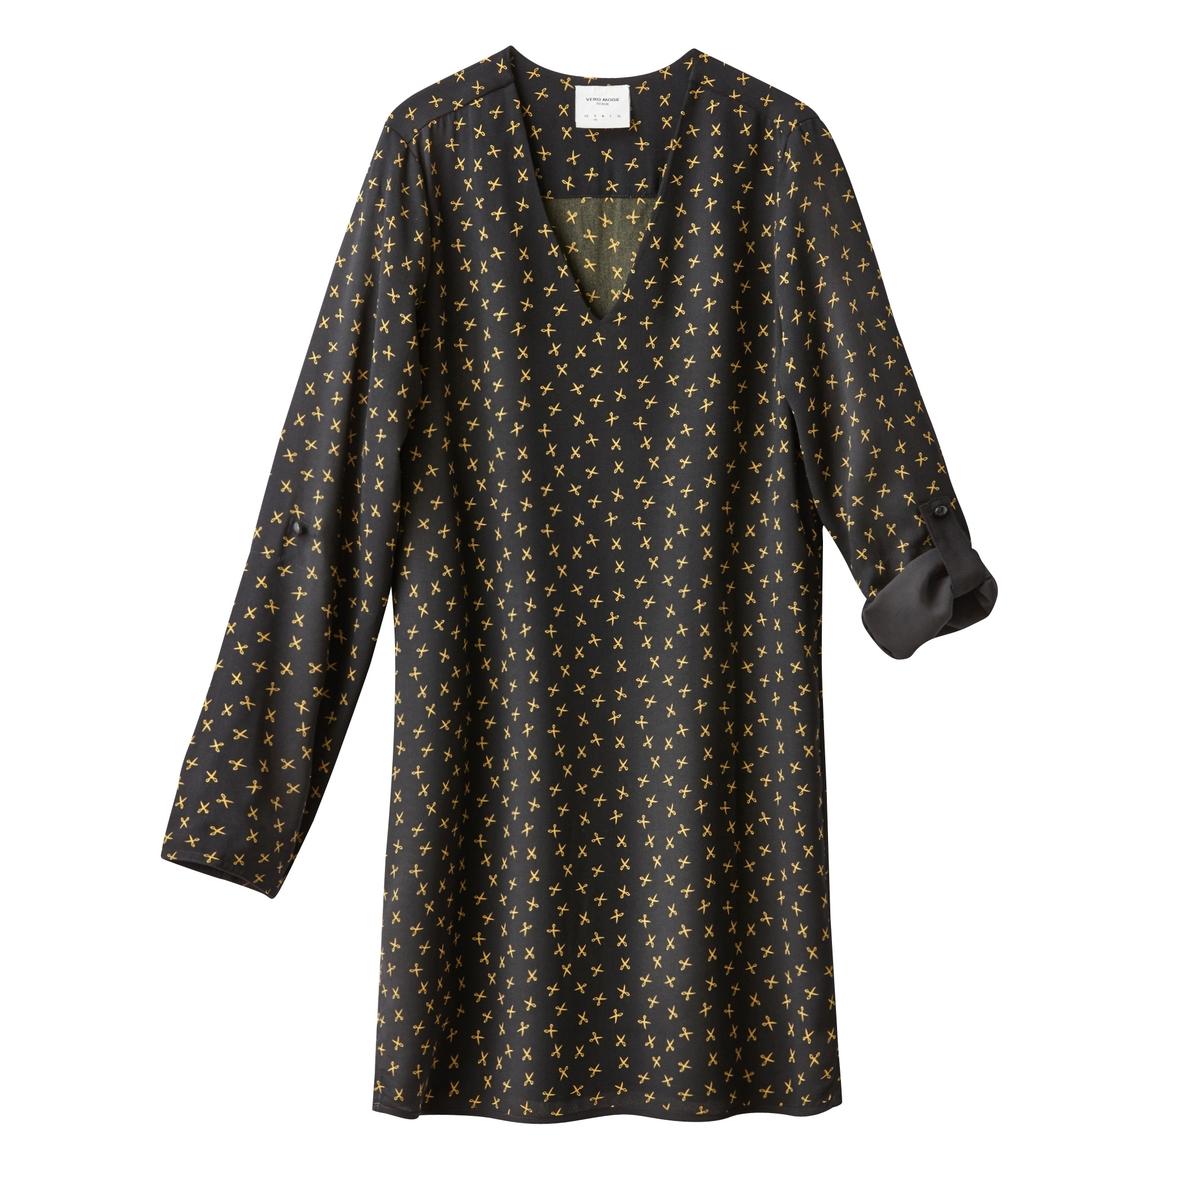 Платье короткое с длинными рукавами VMSCISSORКороткое платье VMSCISSOR от VERO MODA. Платье прямого покроя в форме кимоно. V-образный вырез. Ткань с оригинальным сплошным рисунком. Длинные рукава. Состав и описаниеМарка : VERO MODAМатериал : 100% полиэстер<br><br>Цвет: черный